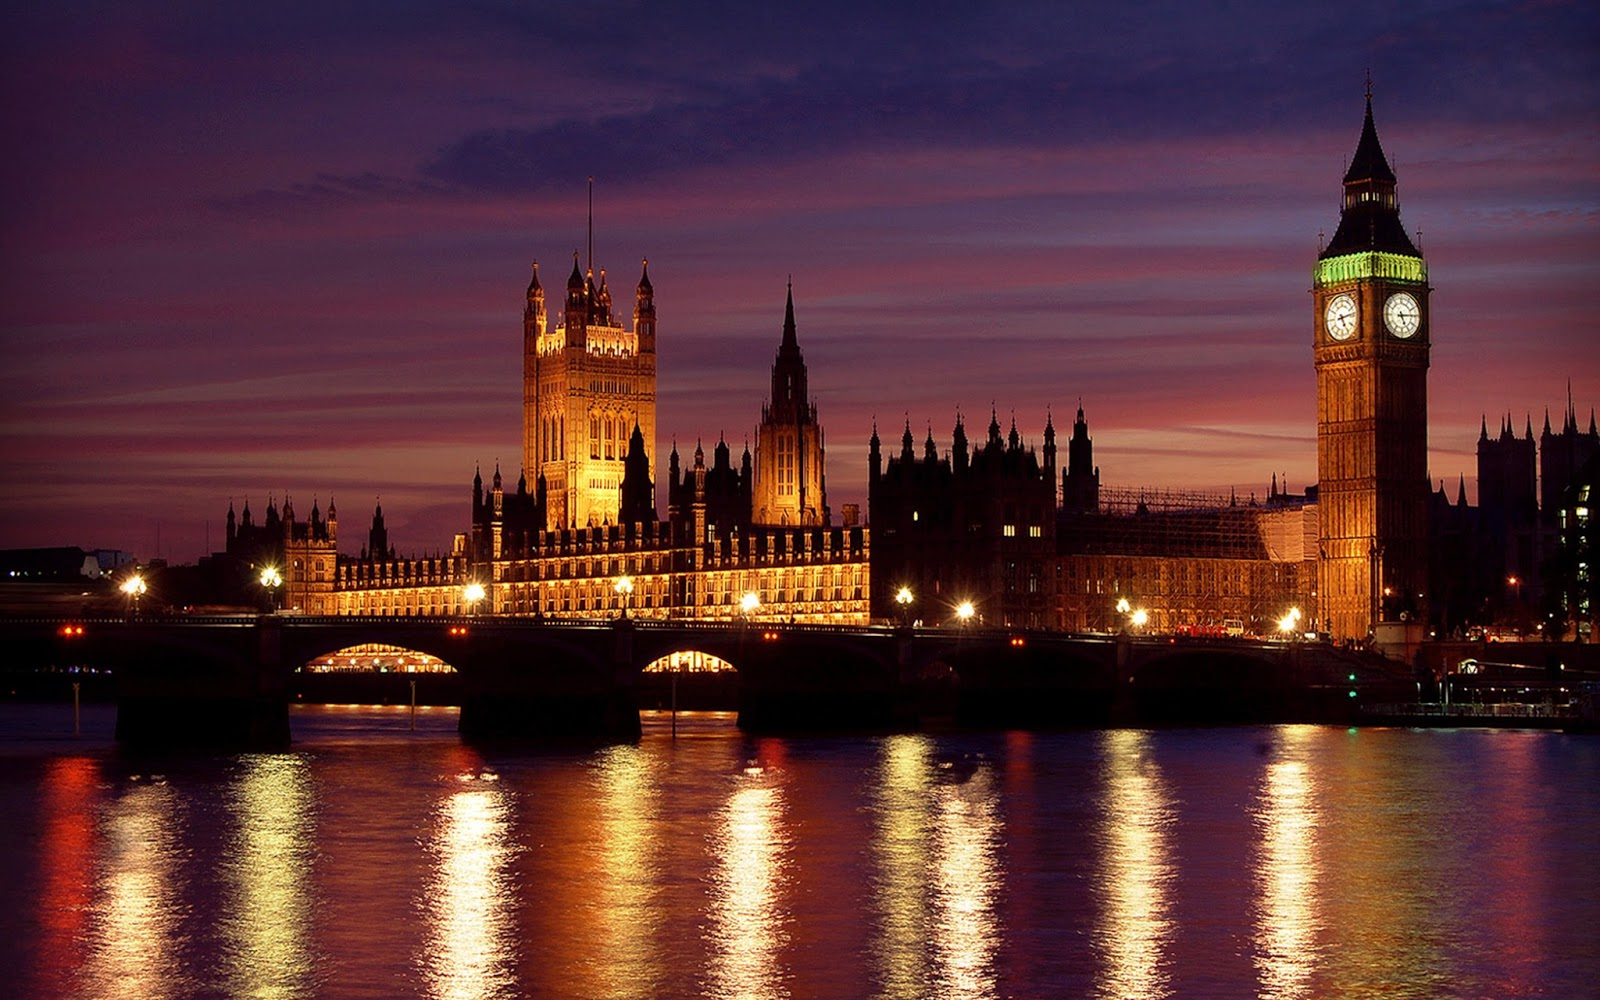 http://3.bp.blogspot.com/-VpE1tsYLL24/UO7IH1NVsOI/AAAAAAAACzw/LrSqL2WbAI4/s1600/at+night+london++fine+hd+wallpaper.jpg